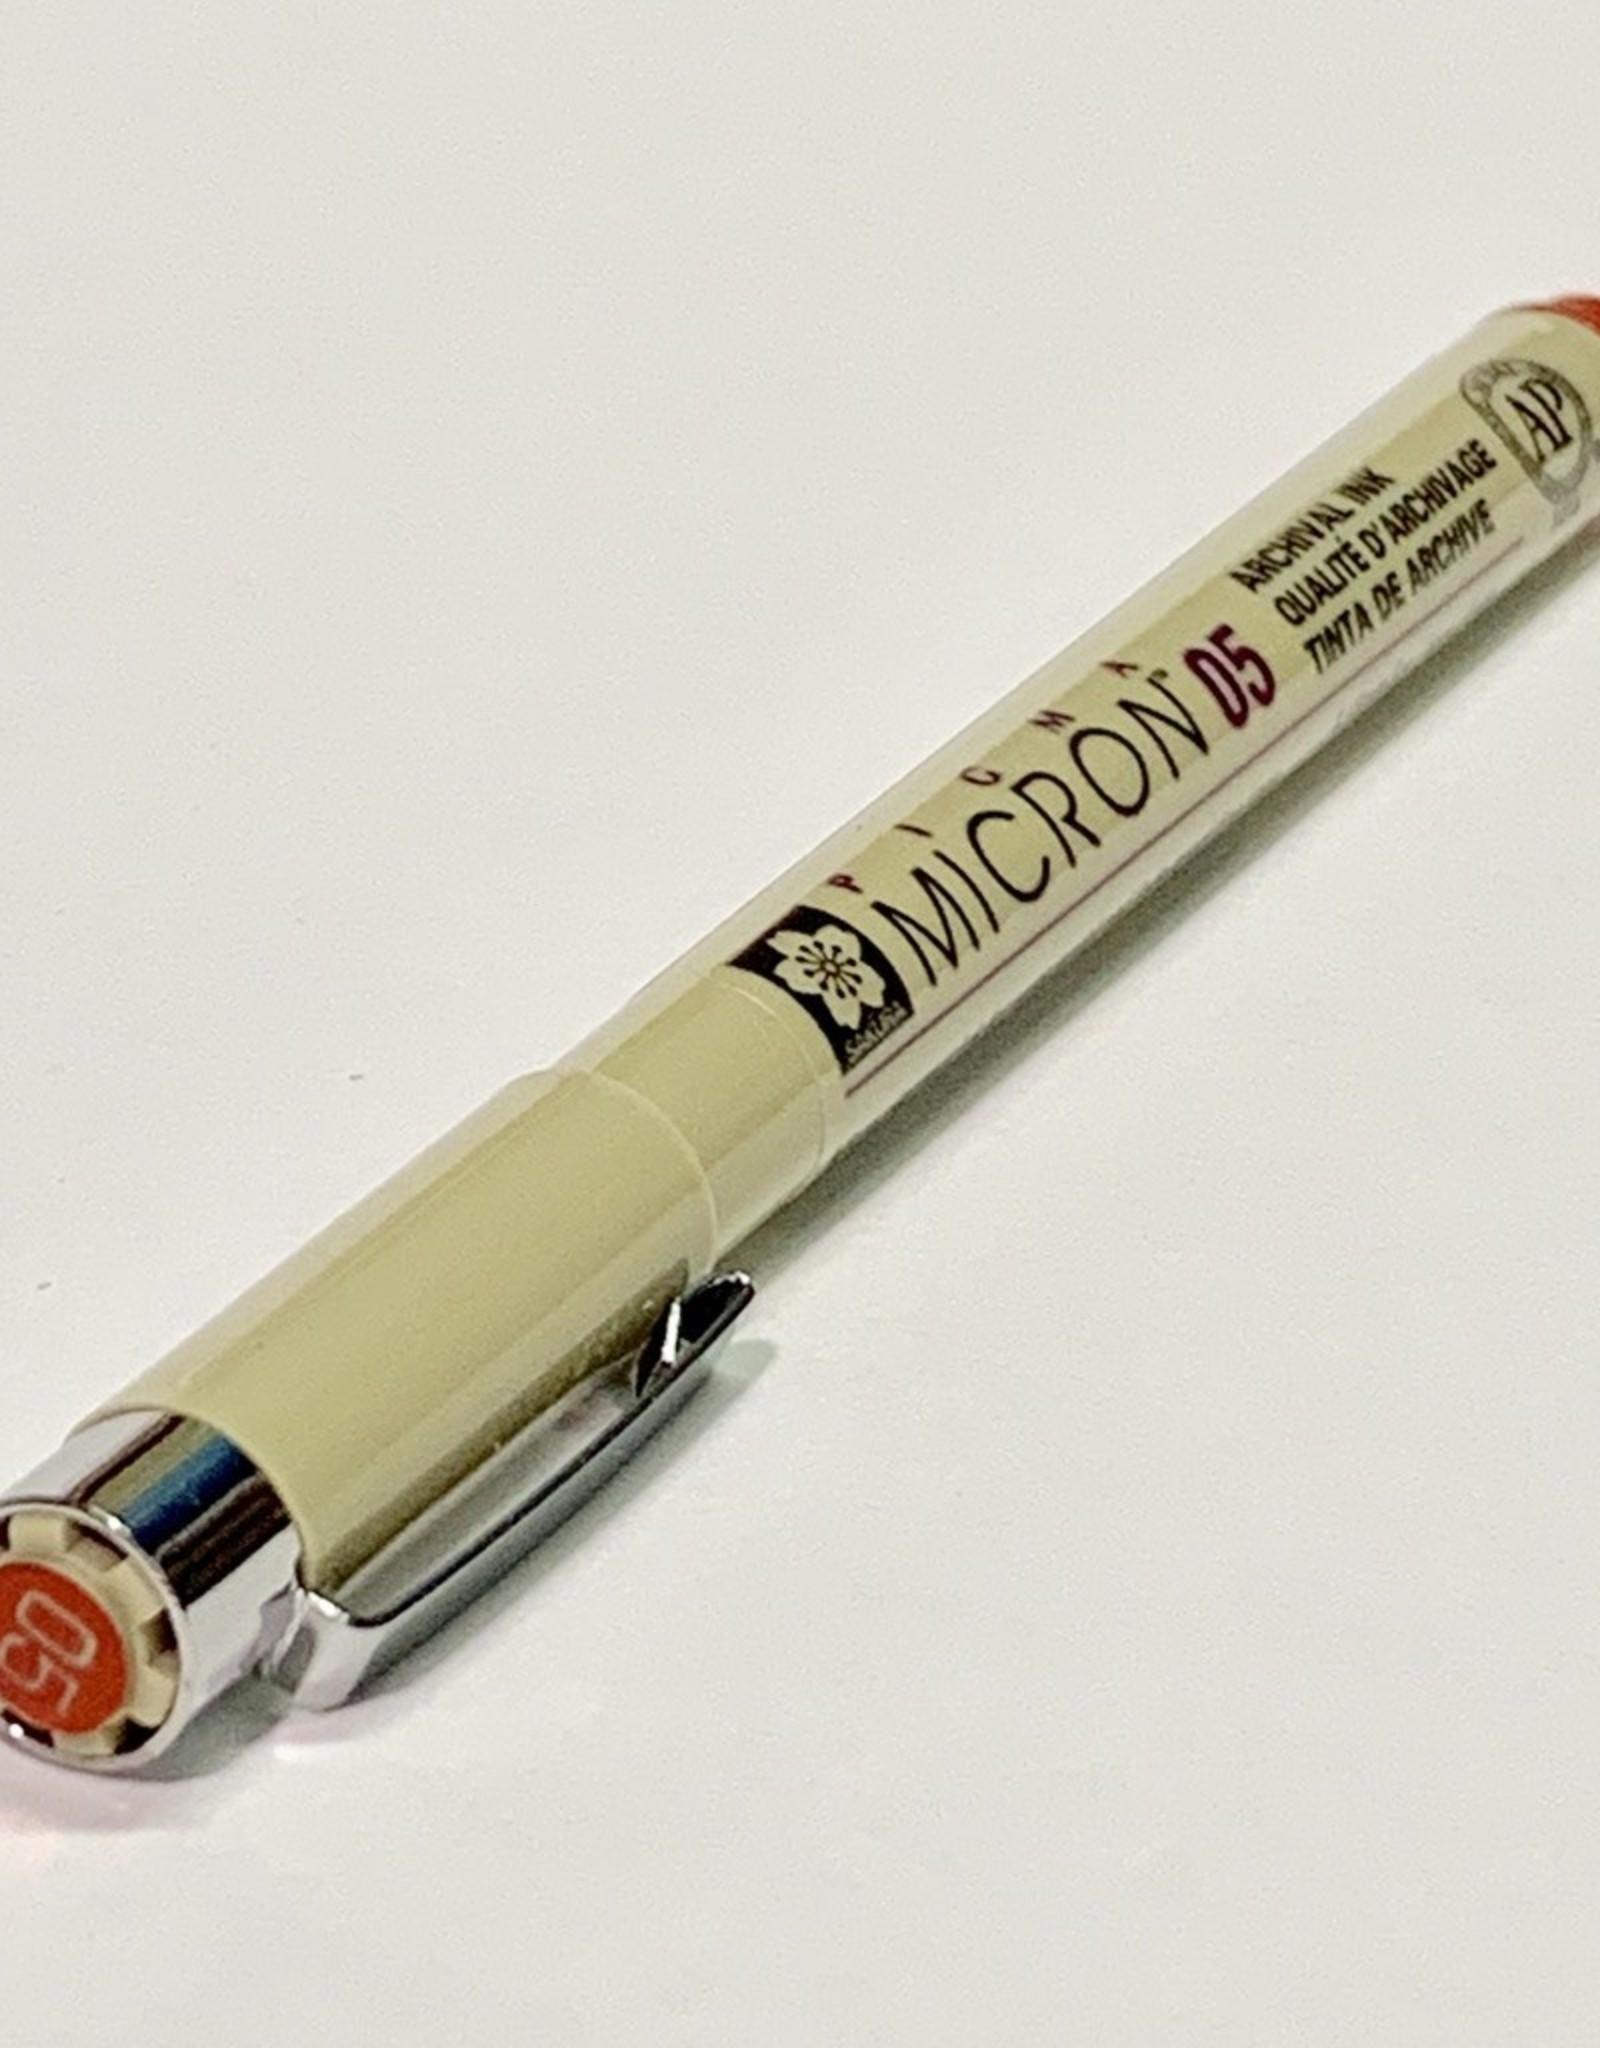 Sakura Micron Red Pen 05 .45mm